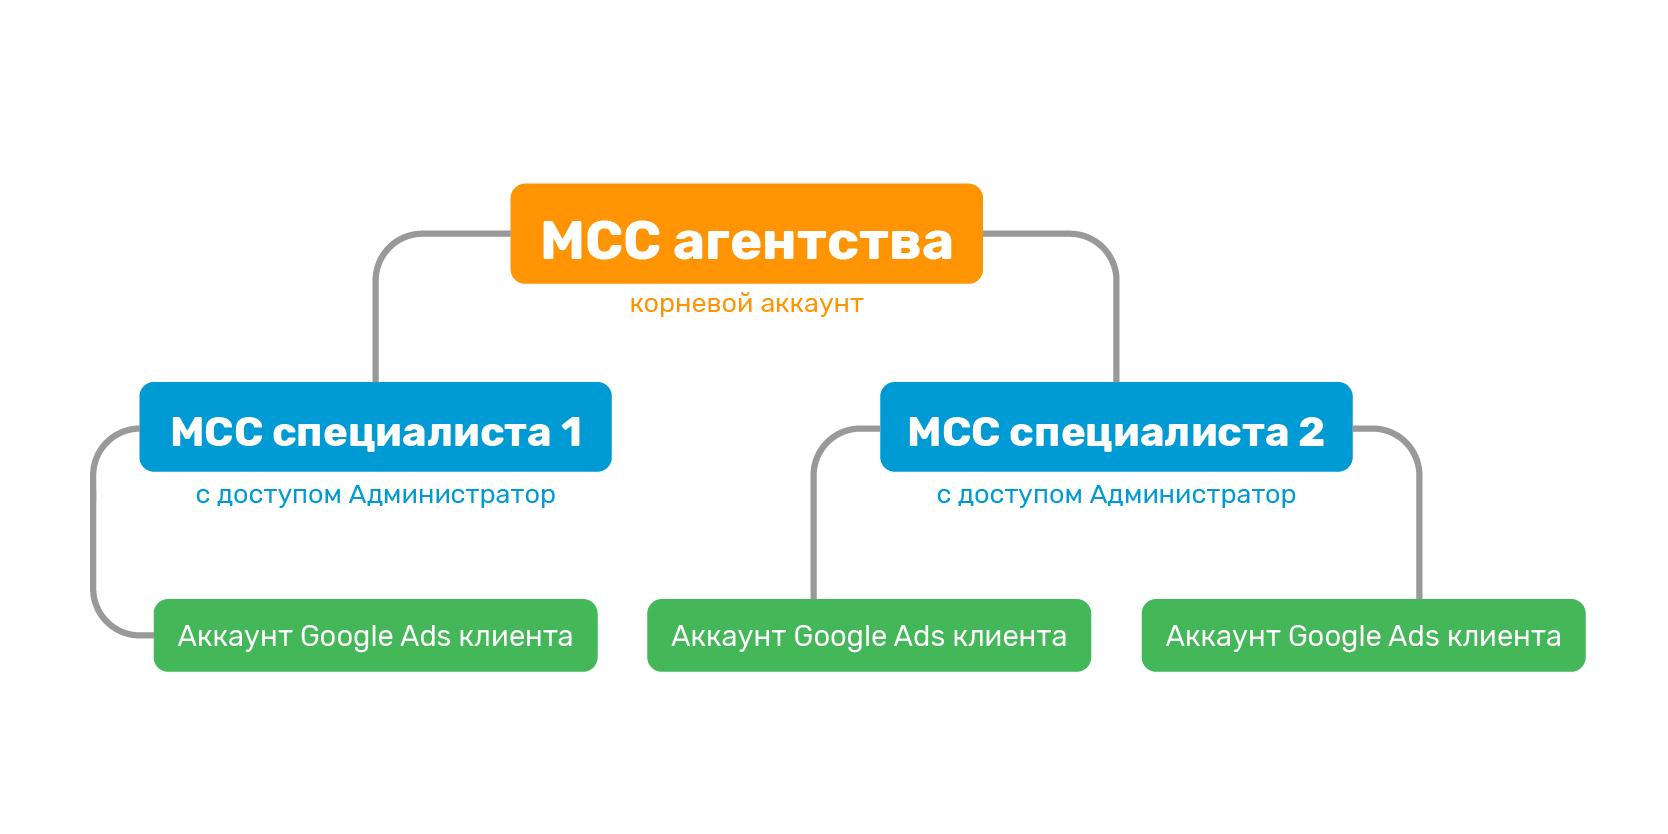 Завантаження через MCC